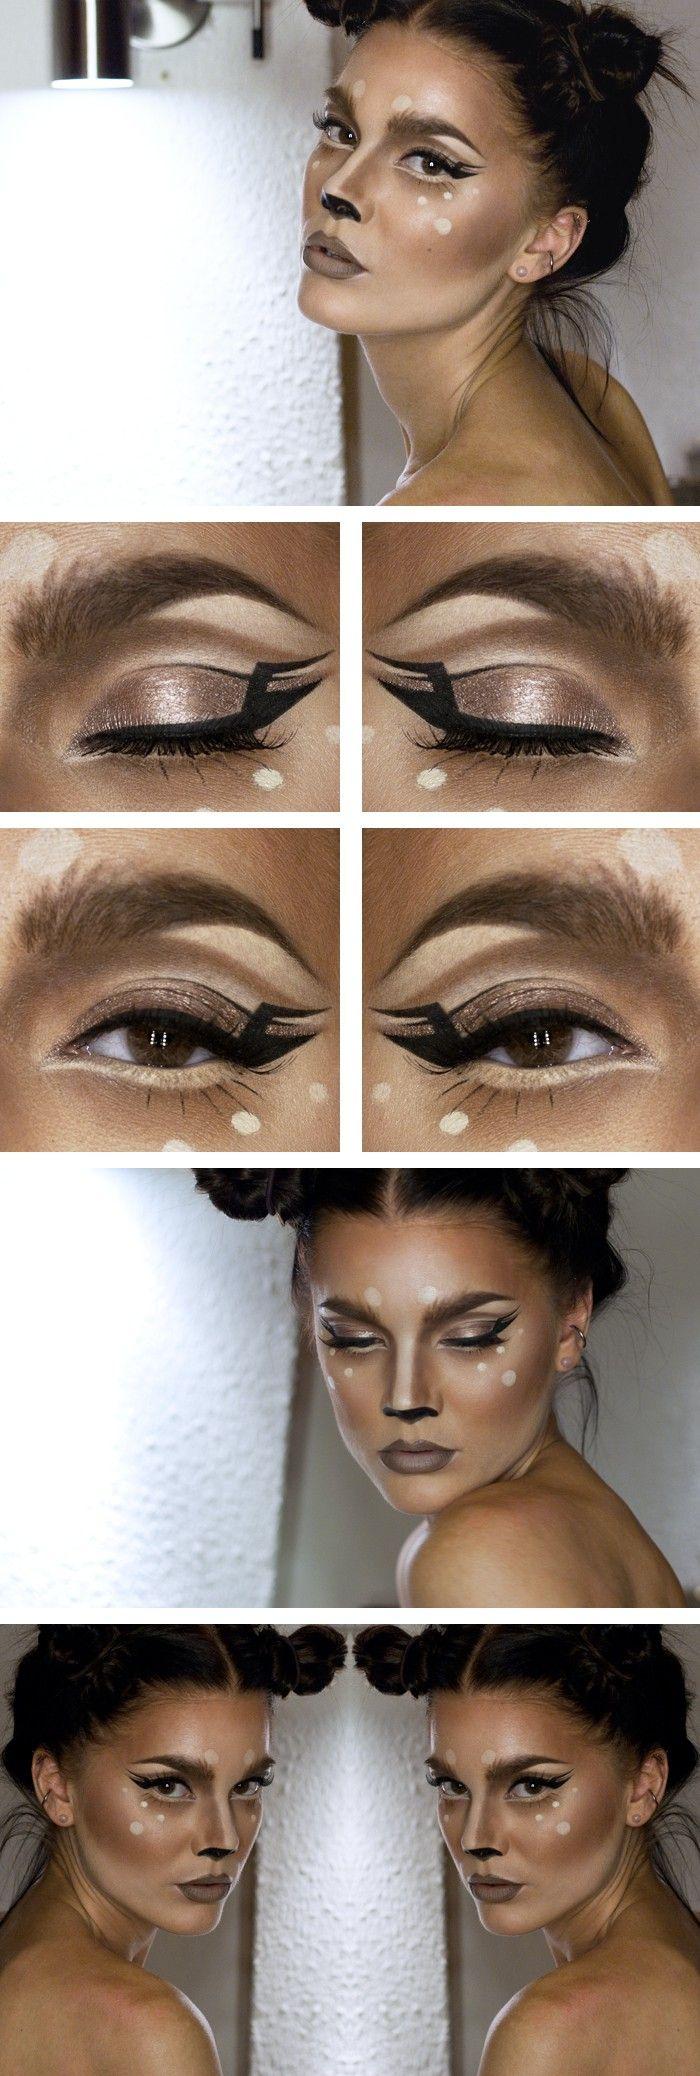 Karneval Make-up Anleitung für ein Rehkostüm. Noch mehr Ideen gibt es auf www.Spaaz.de